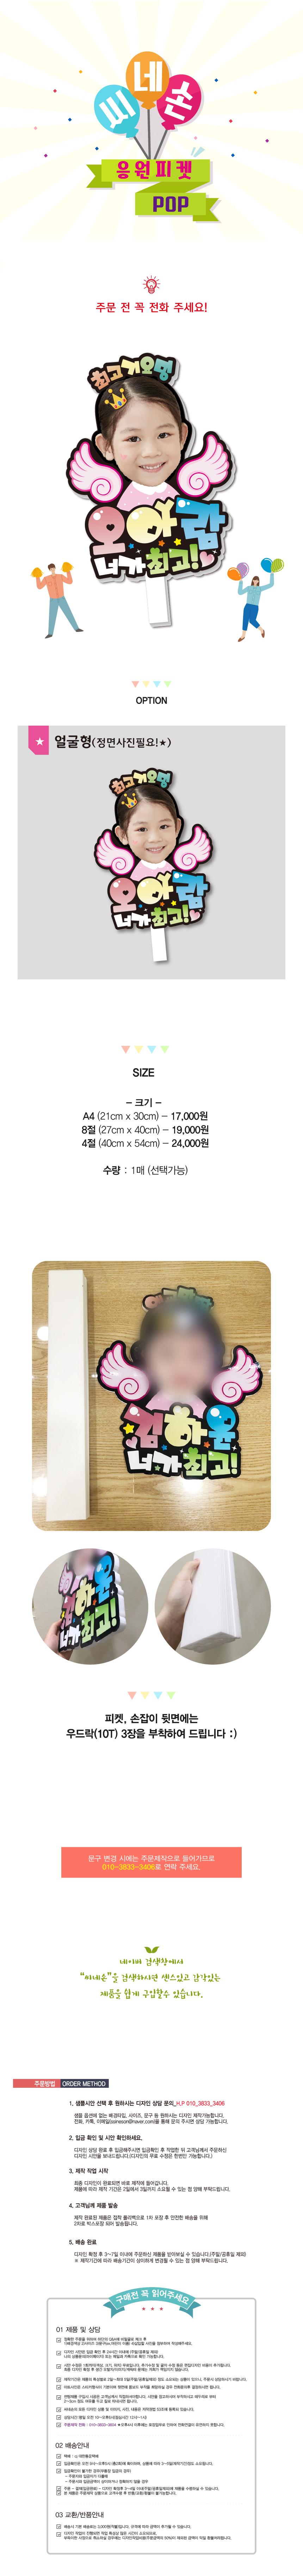 재롱잔치 피켓(핑크,얼굴형) - 씨네손, 17,000원, 문패/보드, 아크릴문패